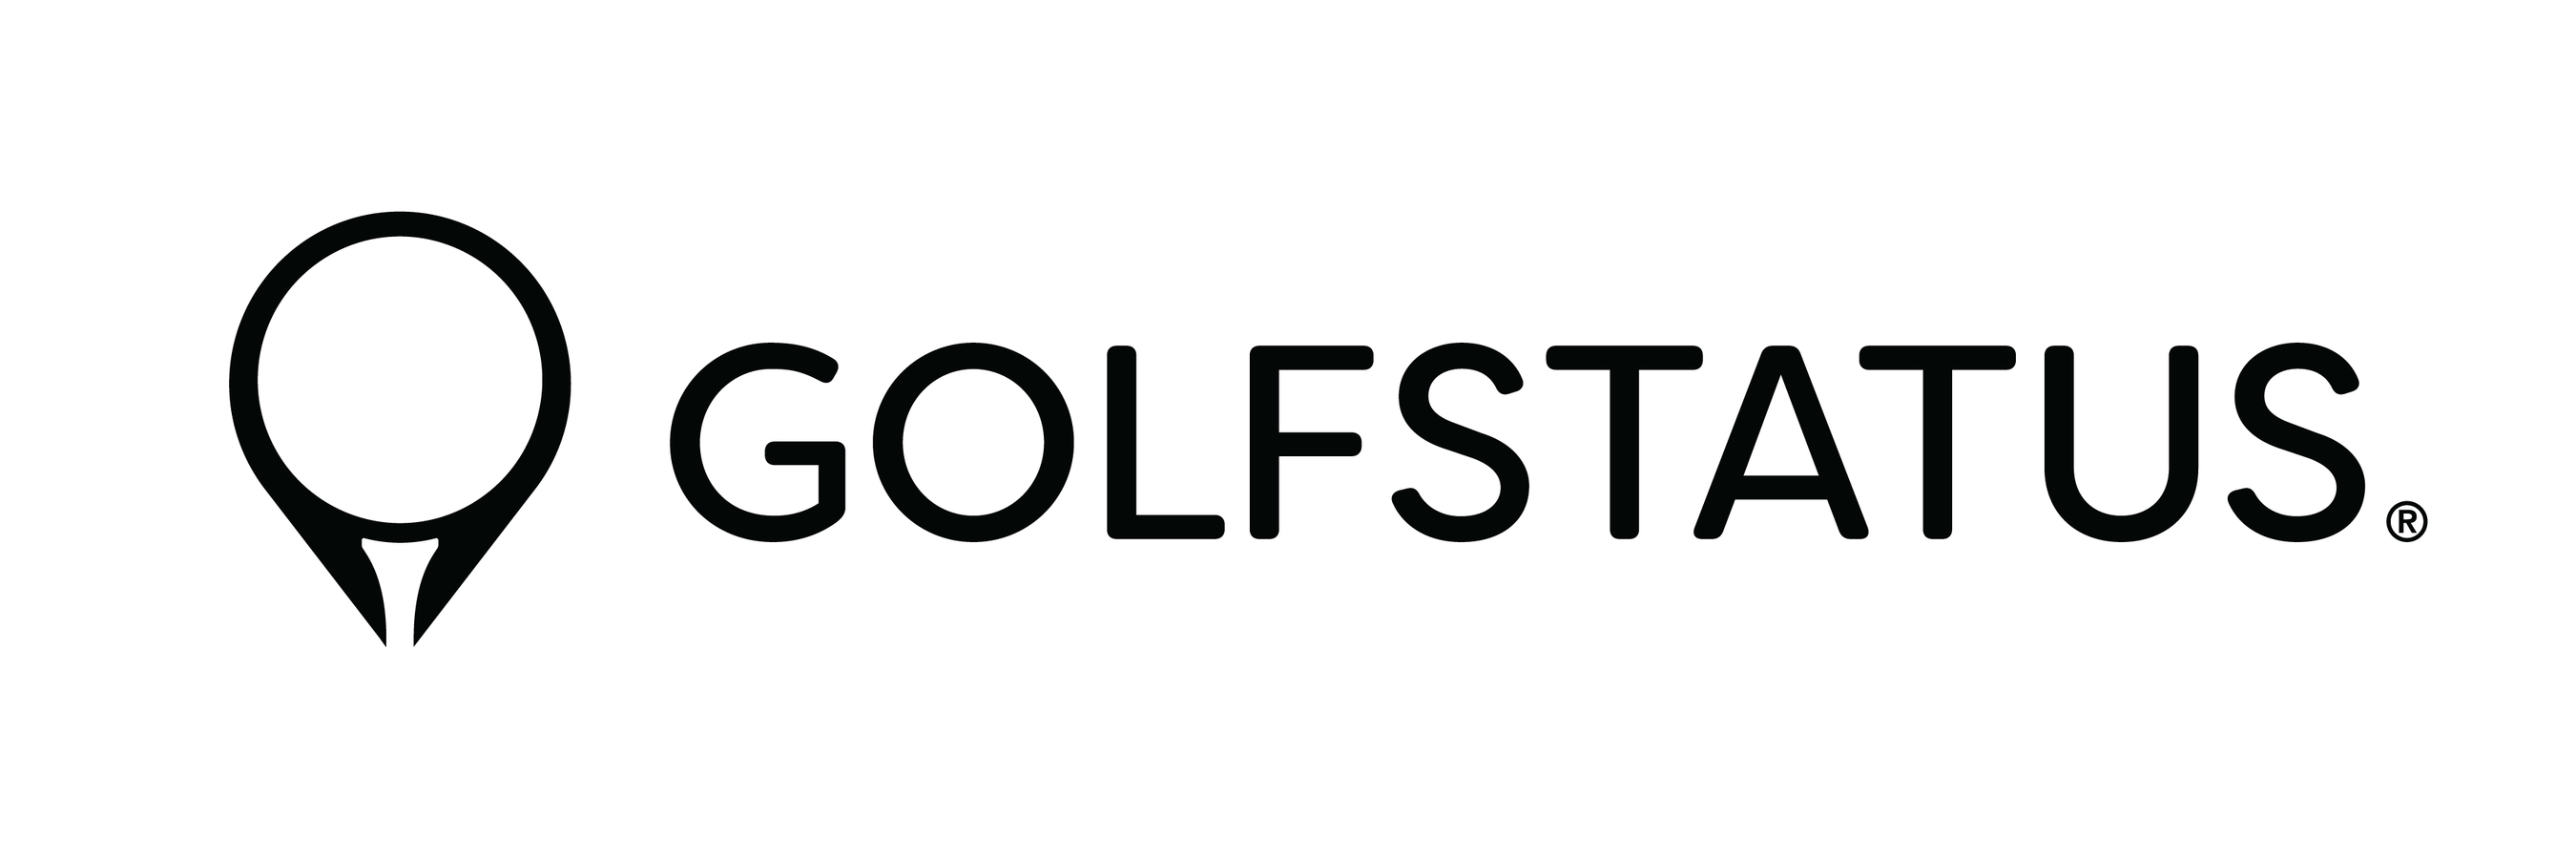 Download GolfStatus from the app store today! (PRNewsfoto/GolfStatus)